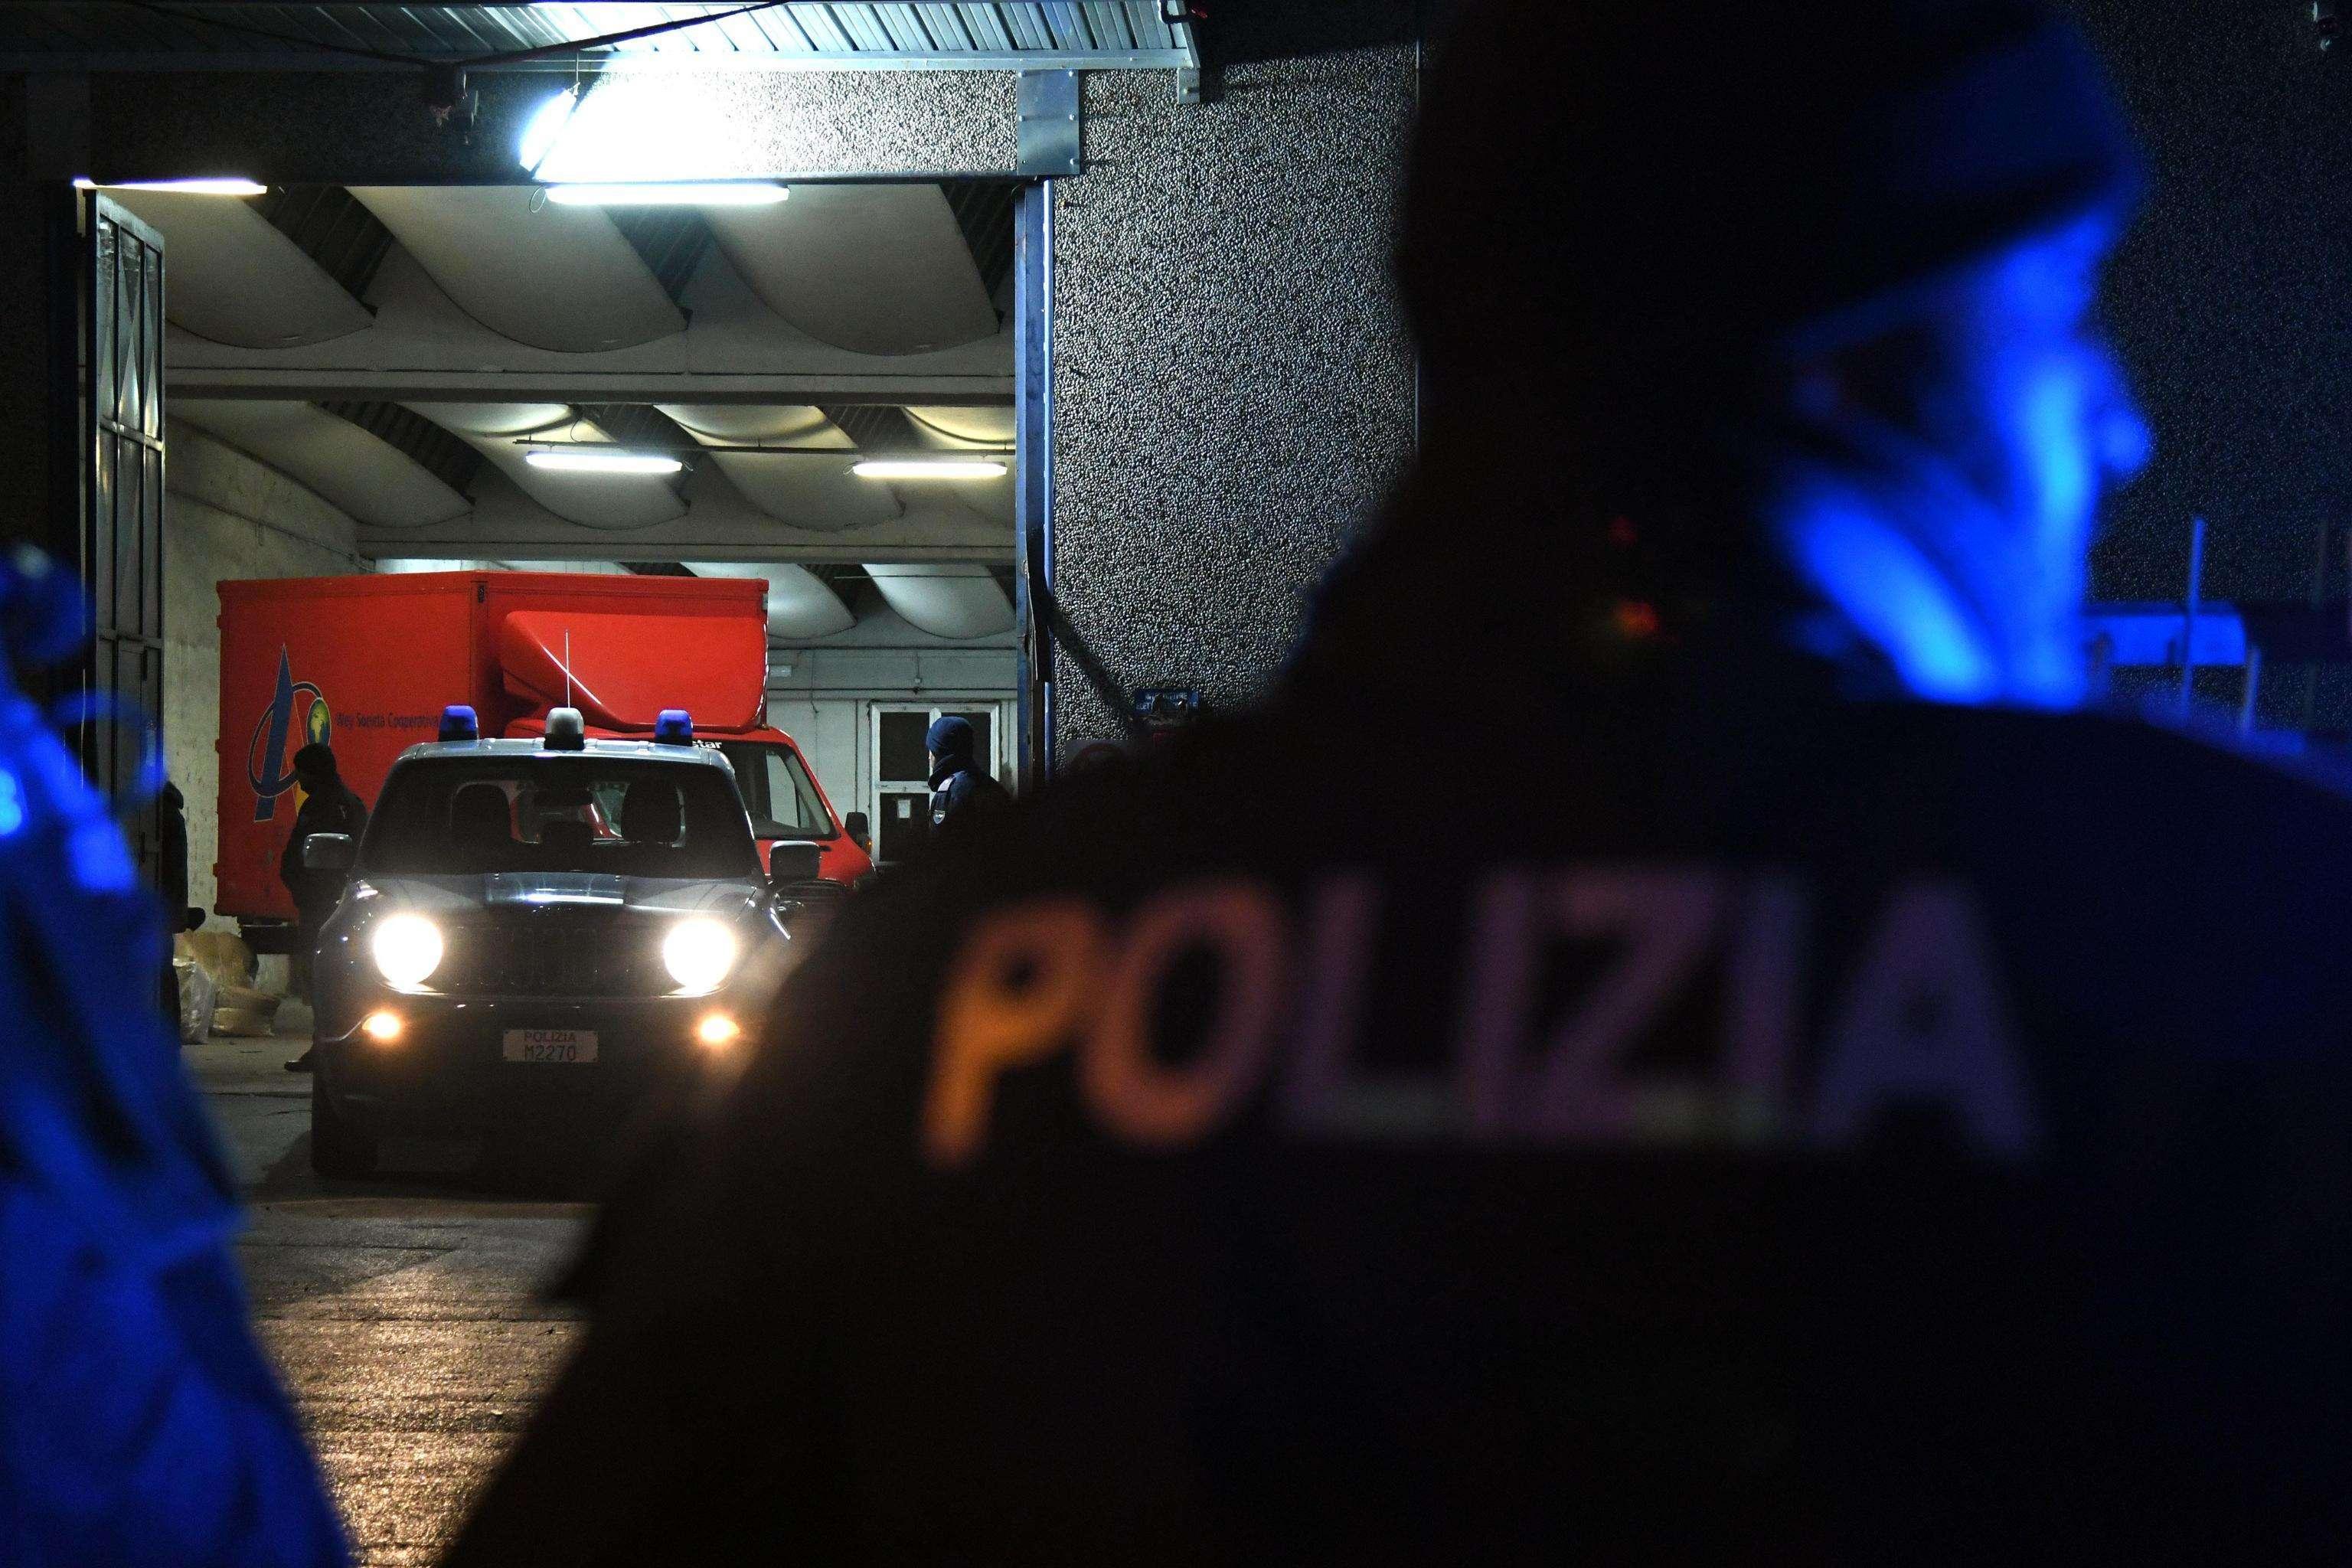 Des officiers de police spécialisés dans la lutte contre la mafia se tiennent à côté de camions garés dans un garage lors d'une opération à Prato, en Italie, le 18 janvier 2018.